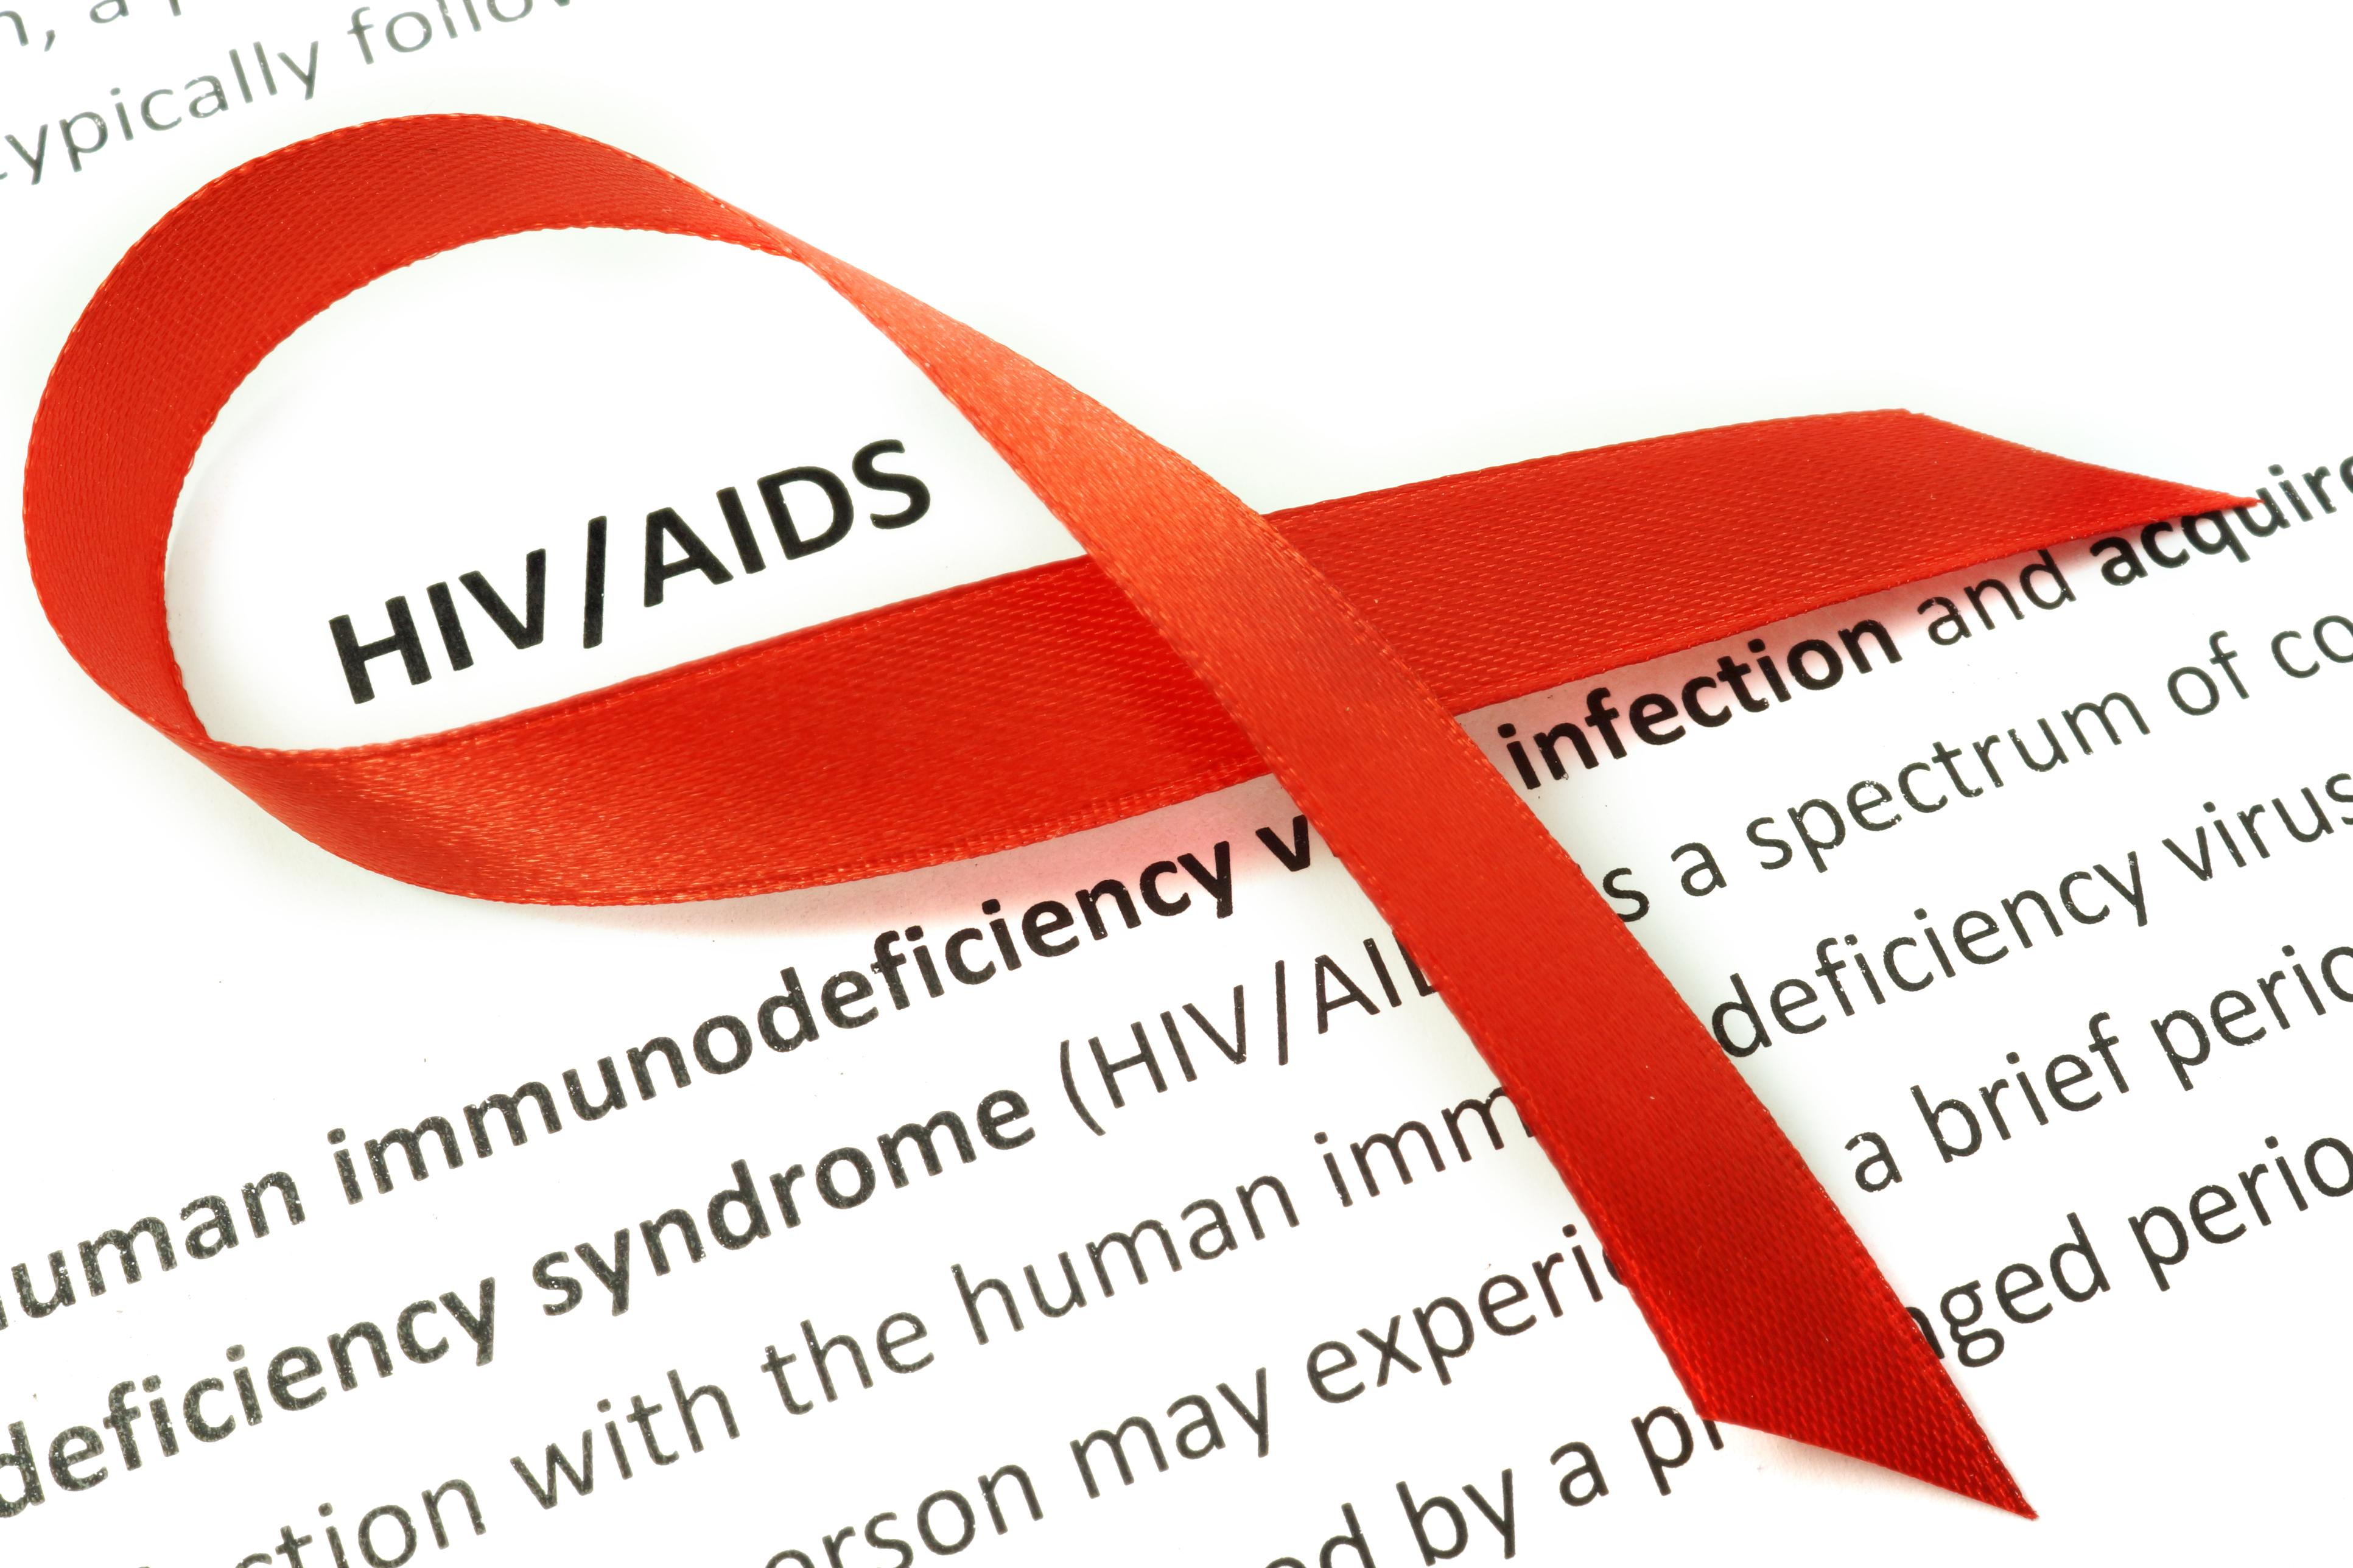 РАН приняла решение создать Комиссию по противодействию эпидемии ВИЧ - зображення 1